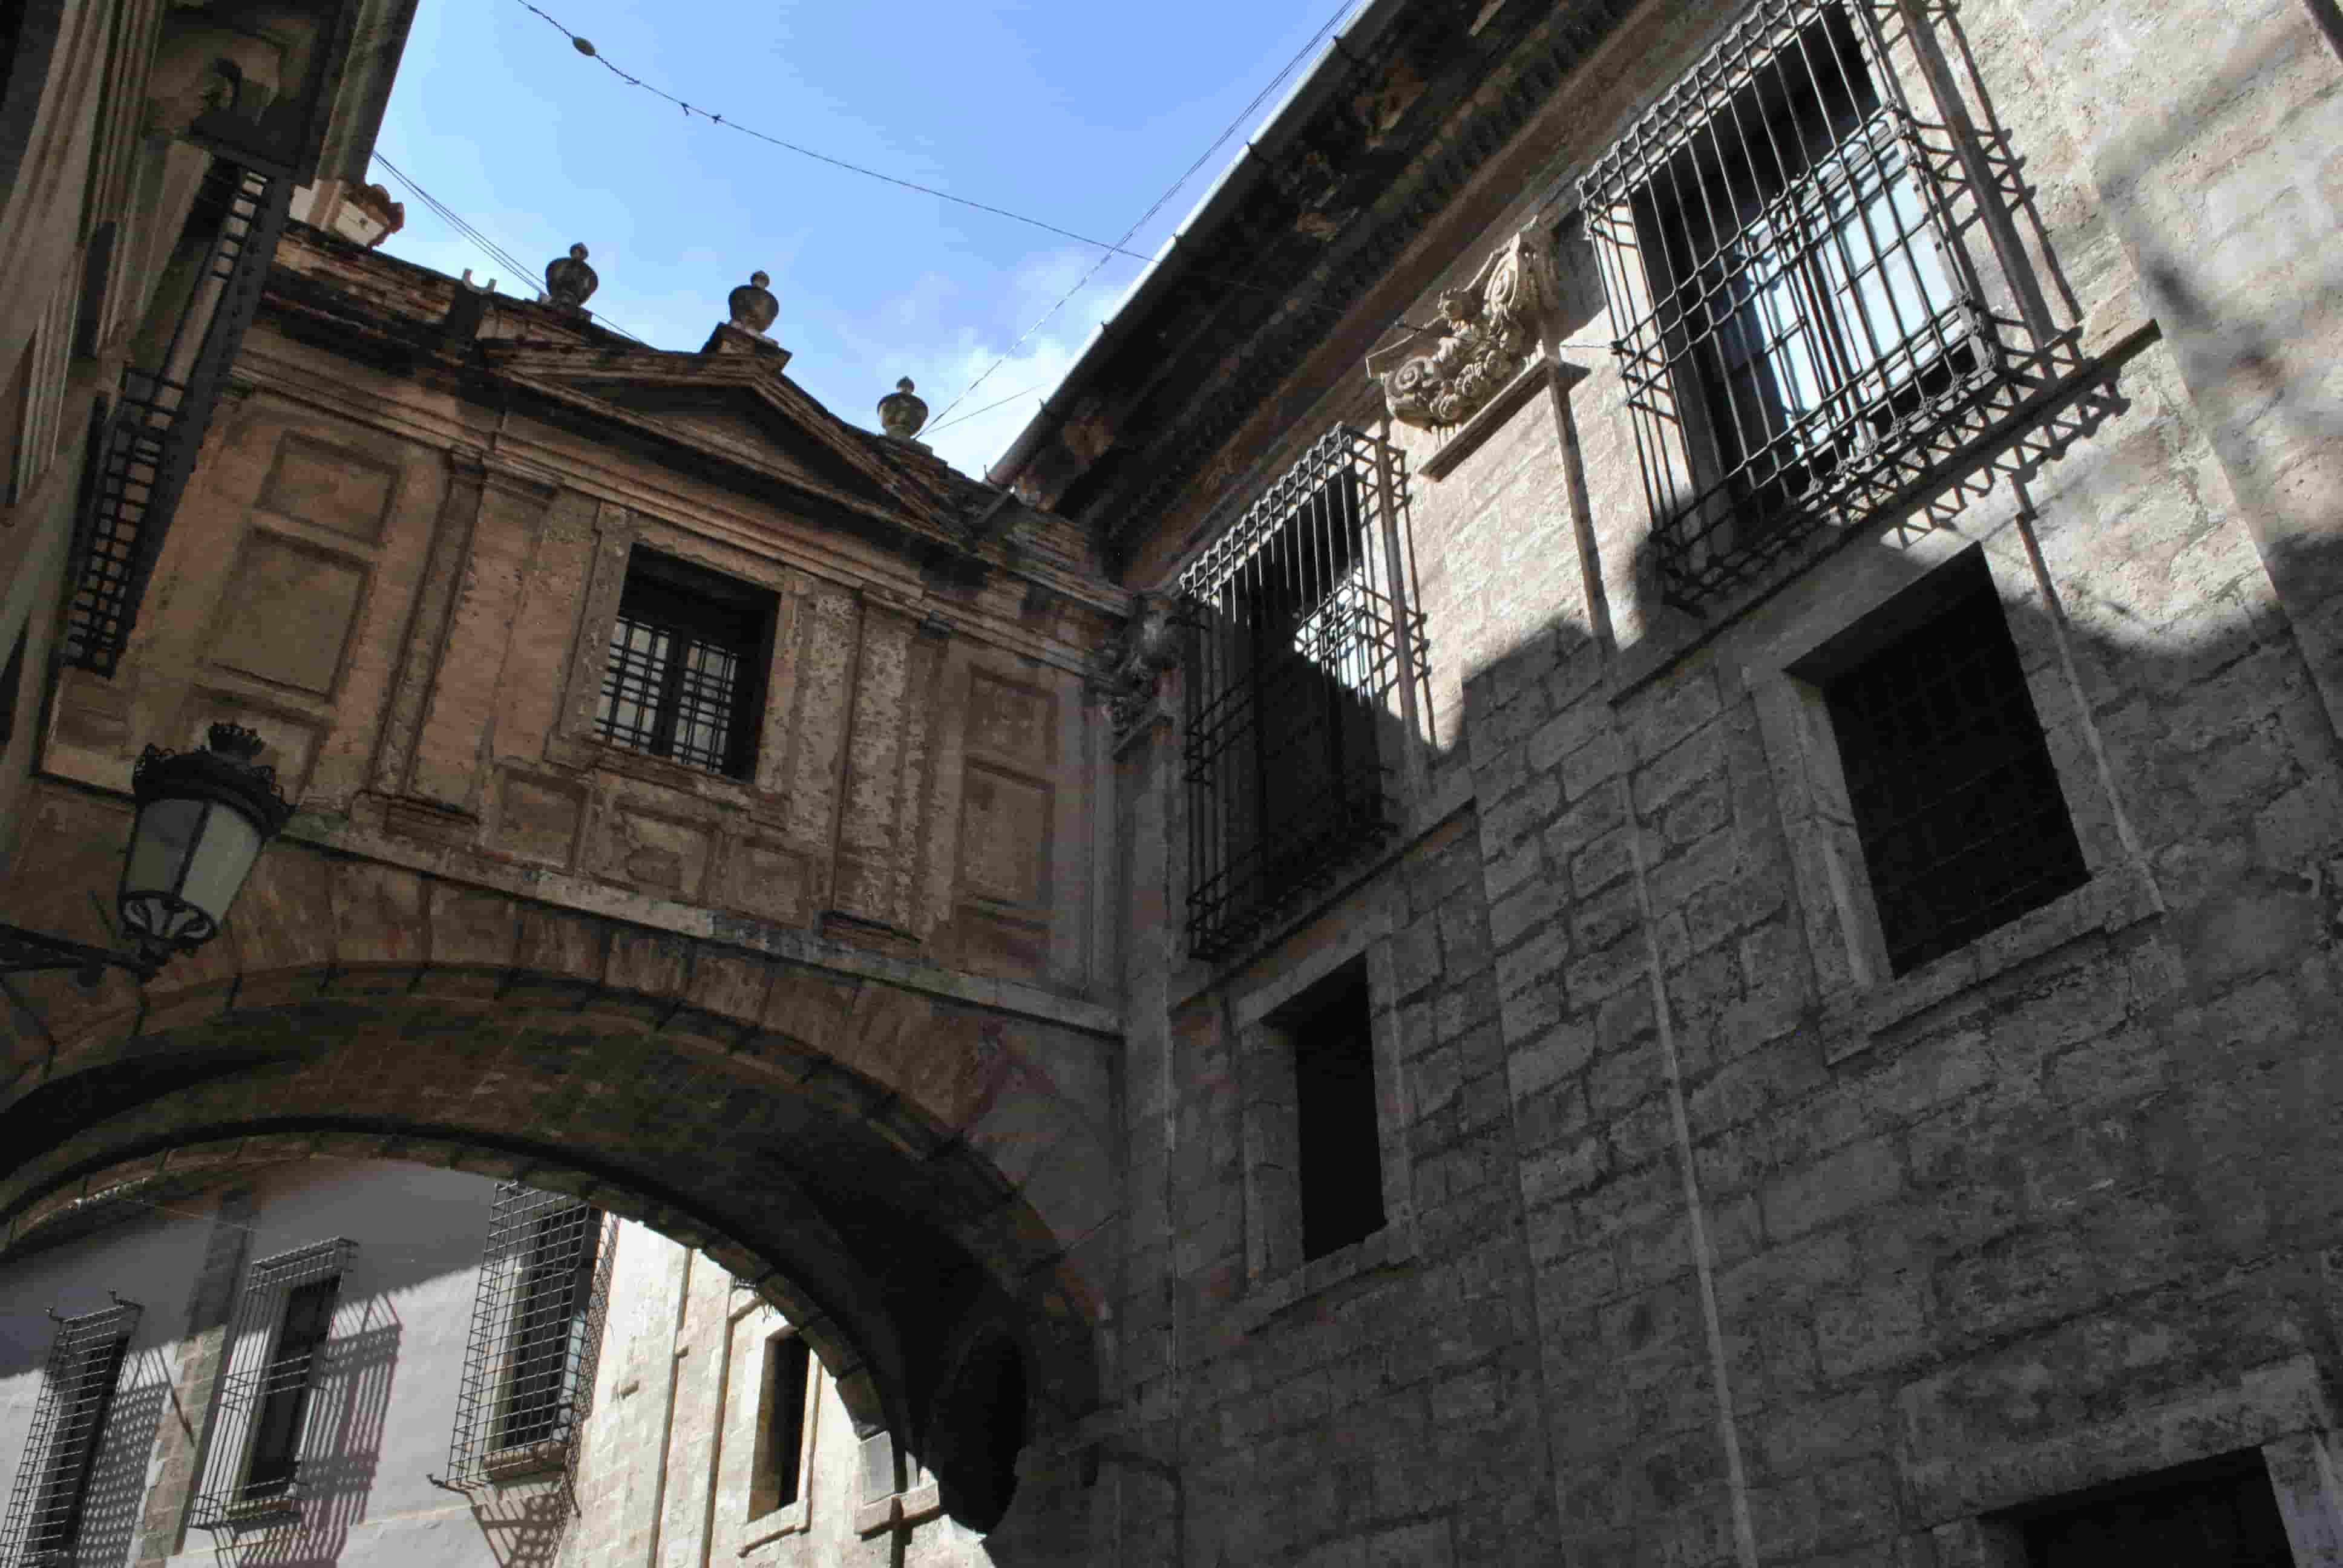 Los mejores tours por el centro histórico y por la Ciudad de las Artes y las Ciencias, los mejores guías turísticos y rutas